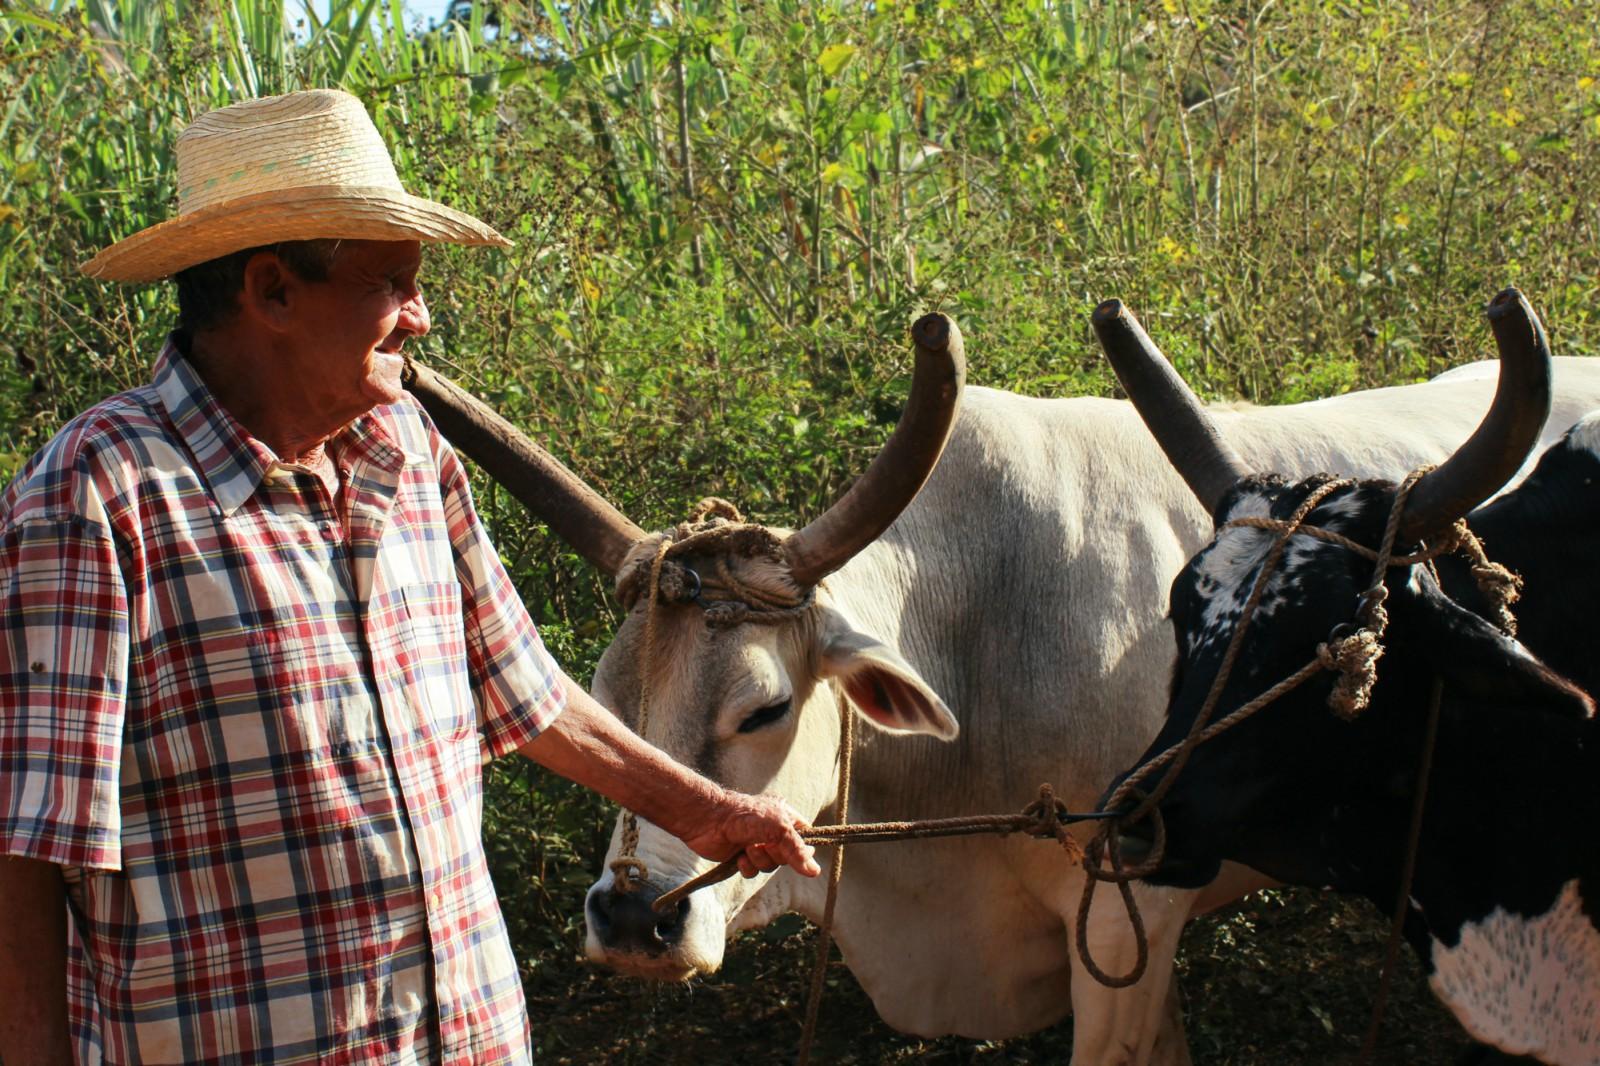 Farmár poľnohospodárstvo na Kube